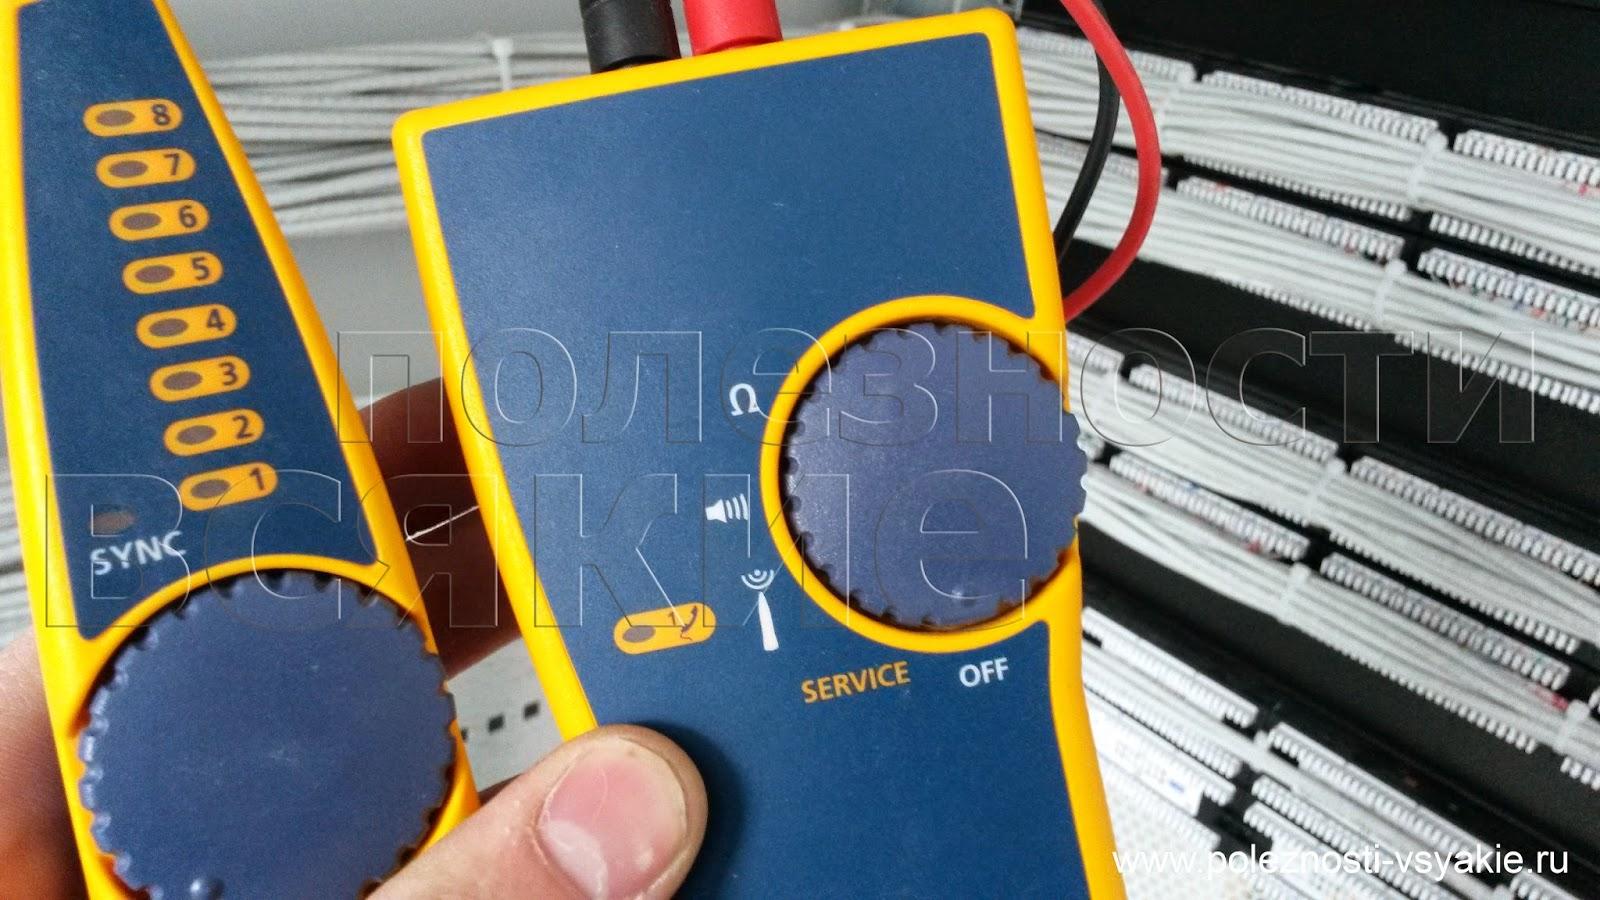 на фото видны режимы работы Fluke intellitone Pro 100 TONER